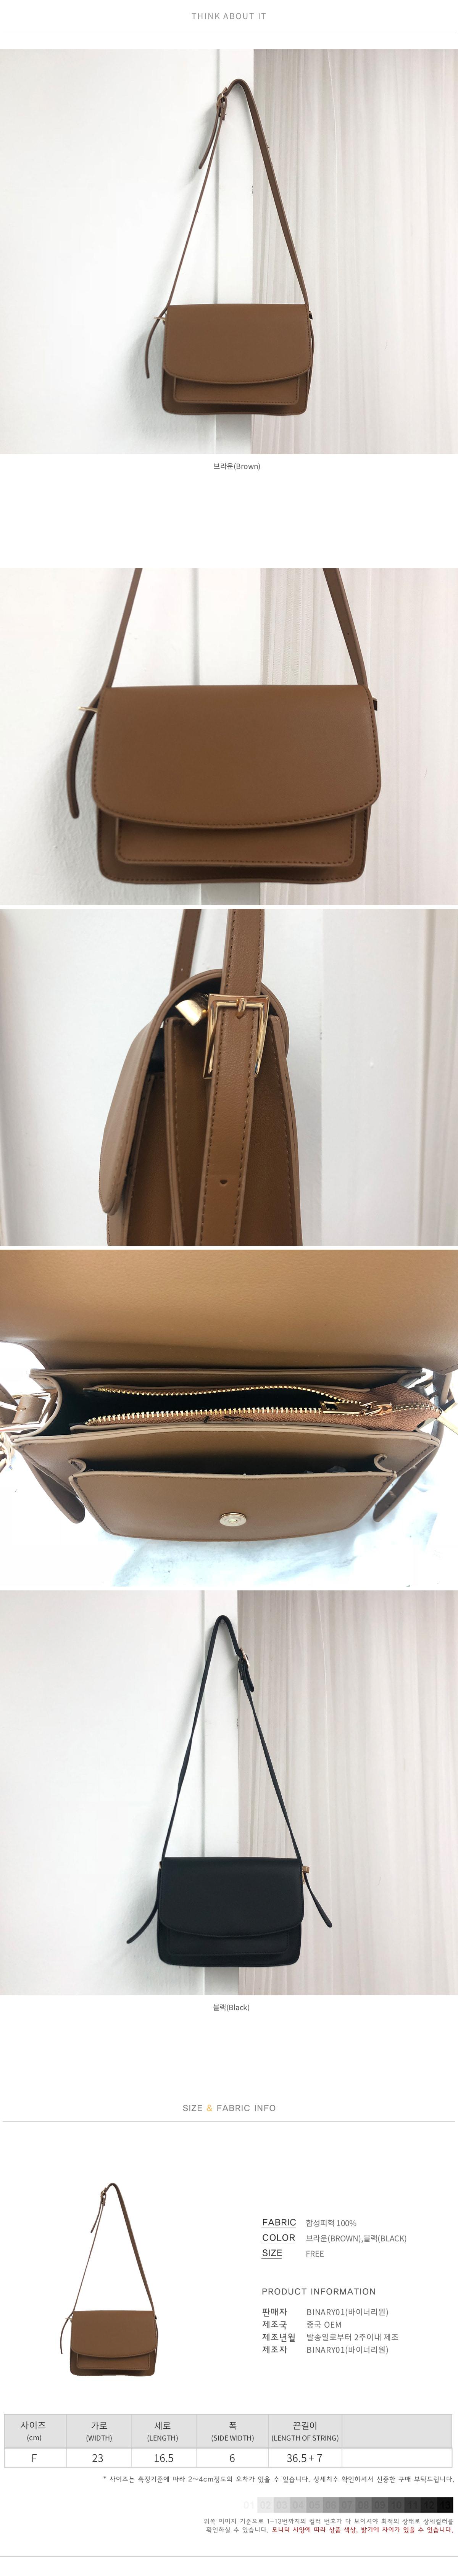 Miller Cross Bag